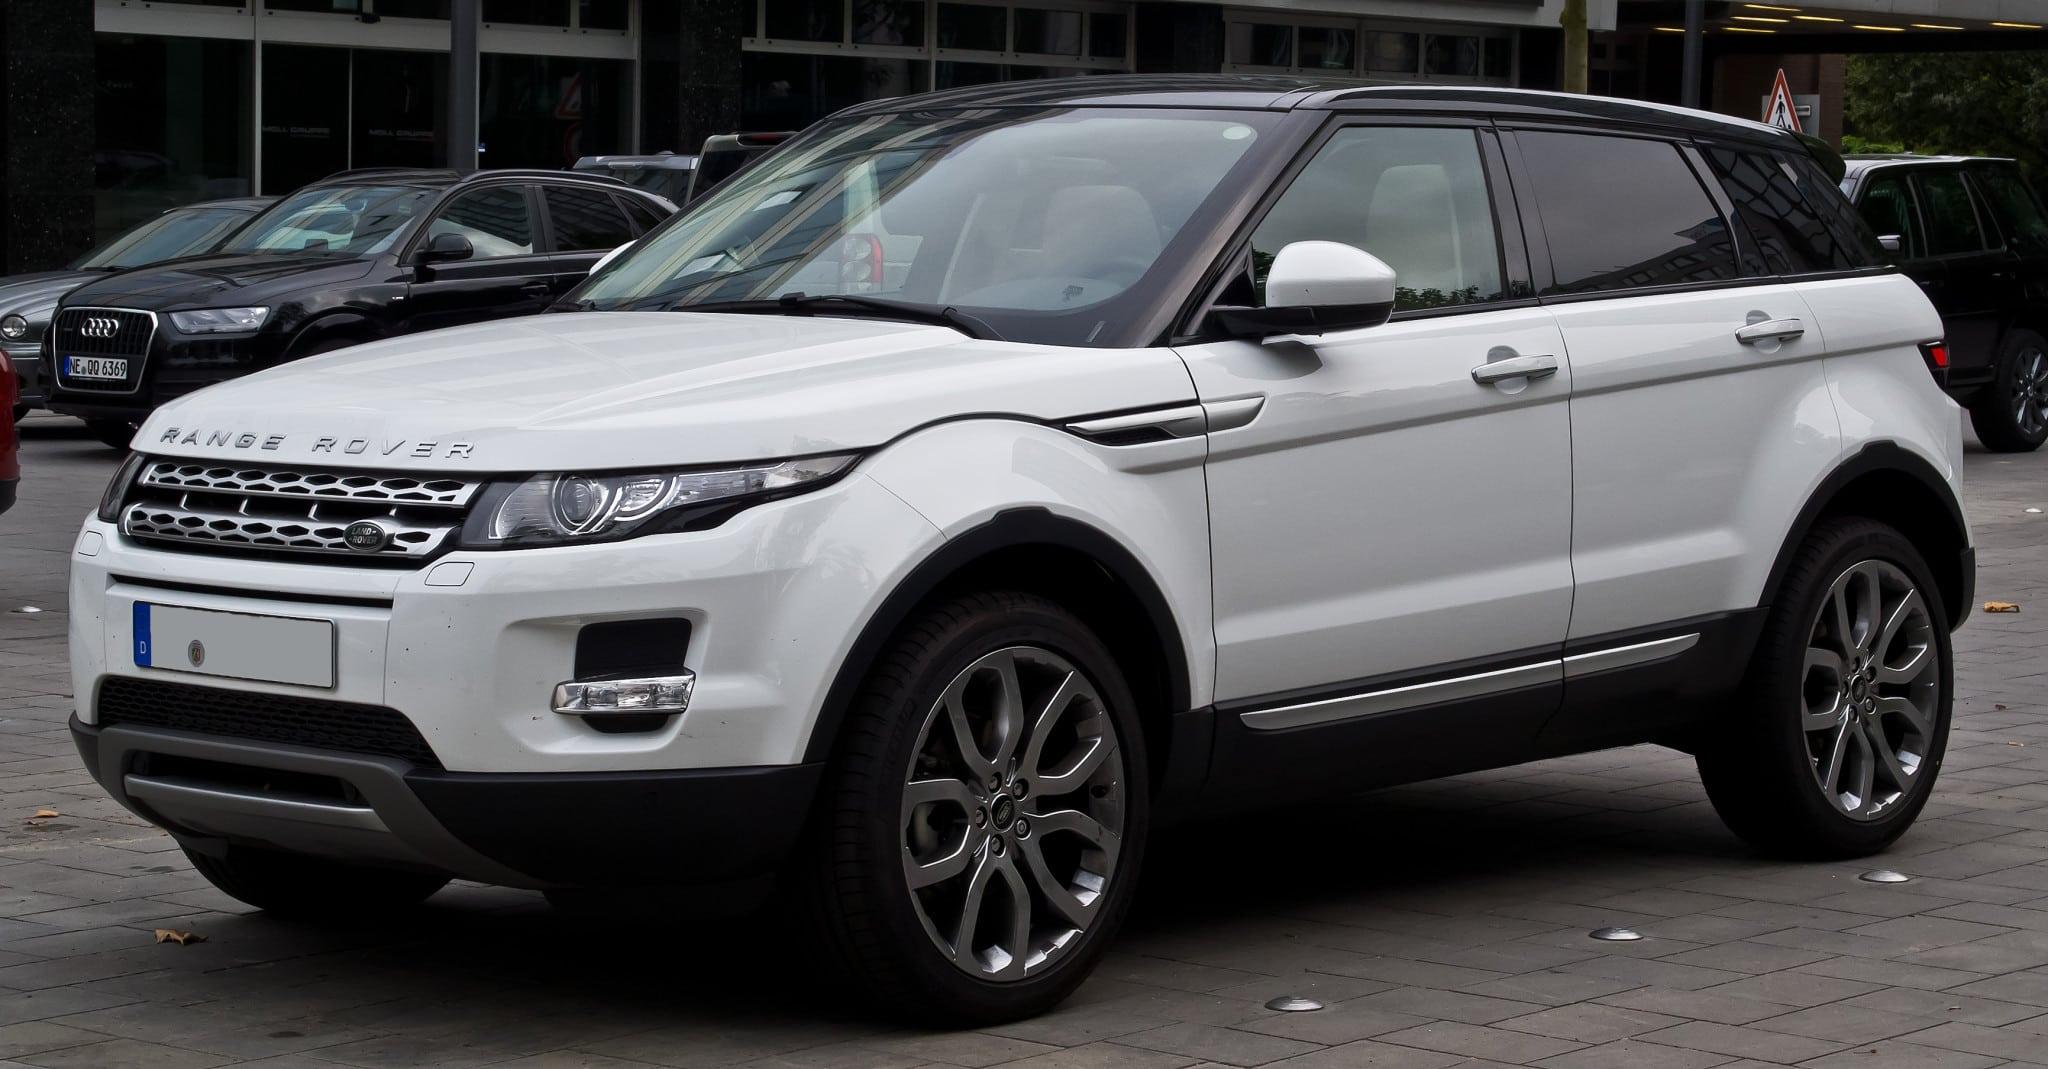 Range_Rover_Evoque_SD4_4WD_Prestige_–_Frontansicht,_12._Juli_2014,_Düsseldorf